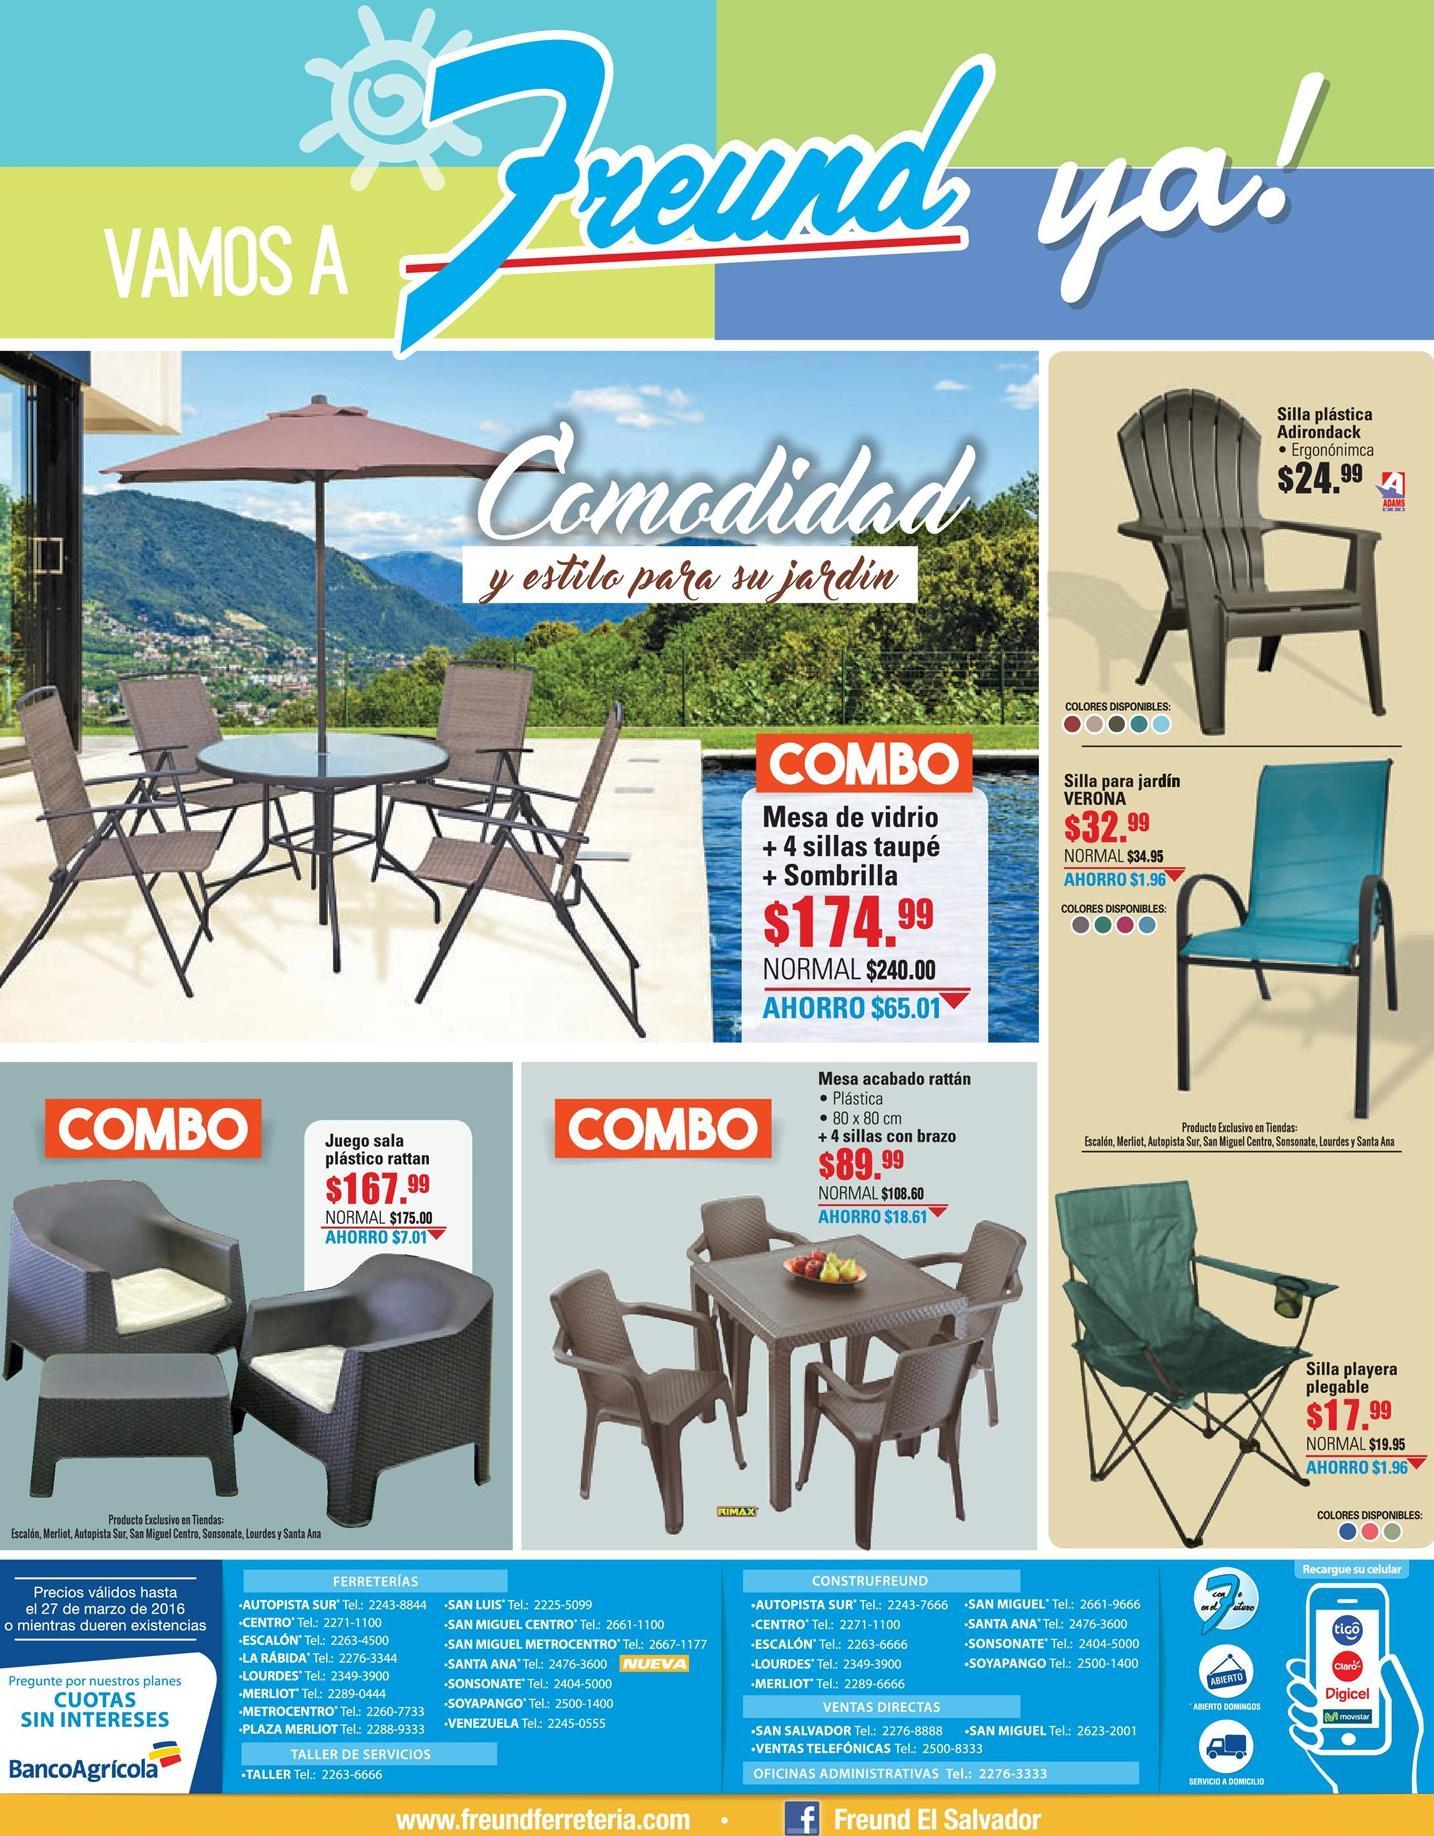 Combos de muebles de jardin freund vacaciones 18mar16 for Muebles de jardin online ofertas